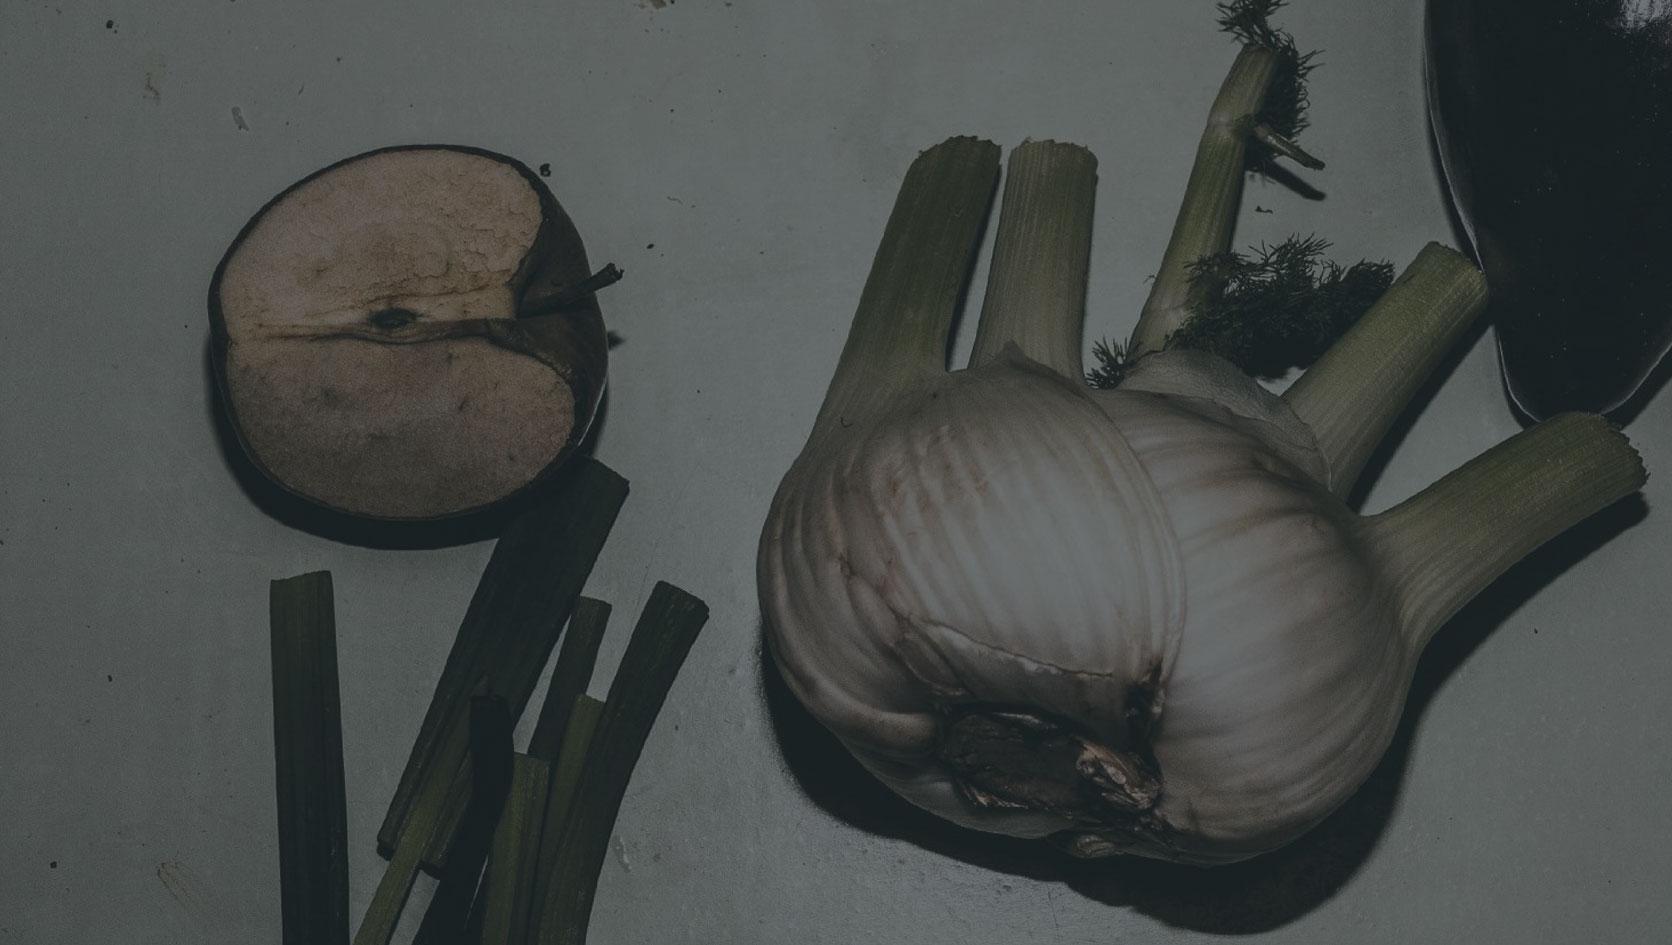 bg_eggplant